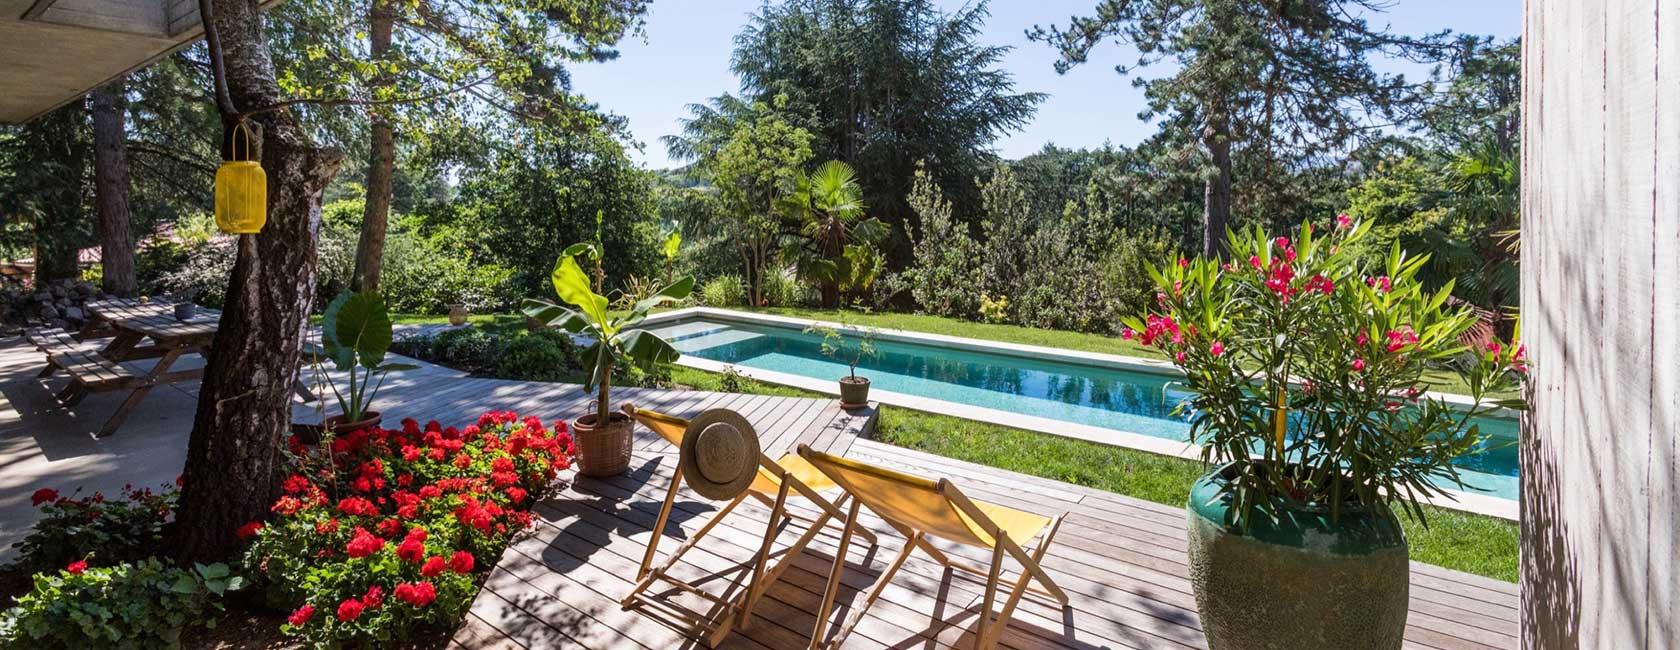 Jardin fleuri et piscine paysagère